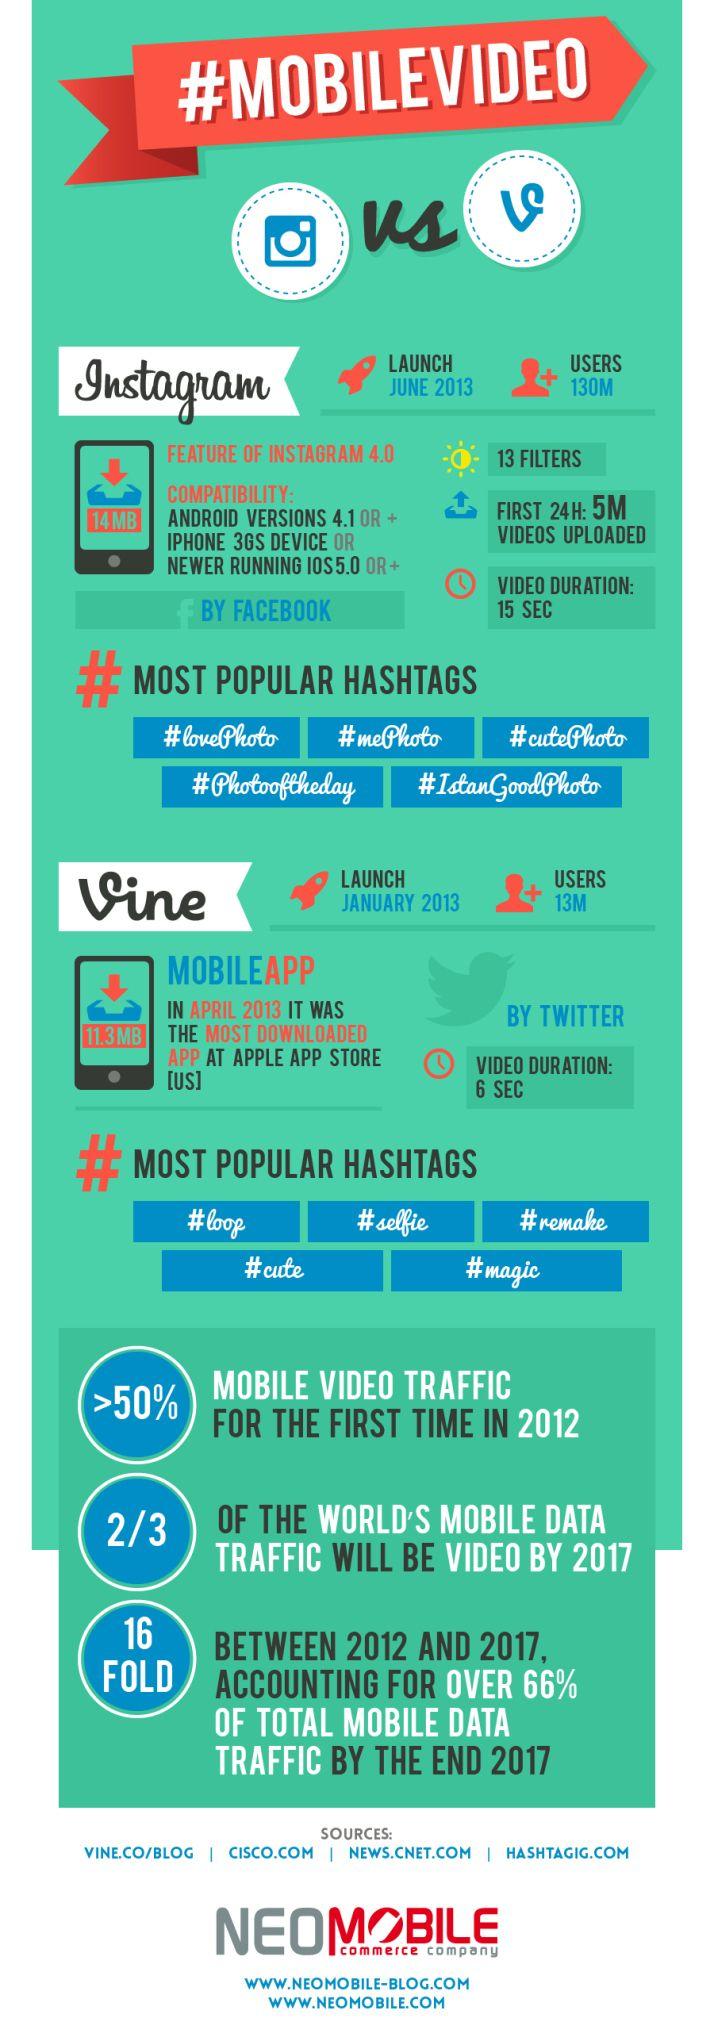 Mobile video: #Instagram vs #Vine #infographic #socialmedia